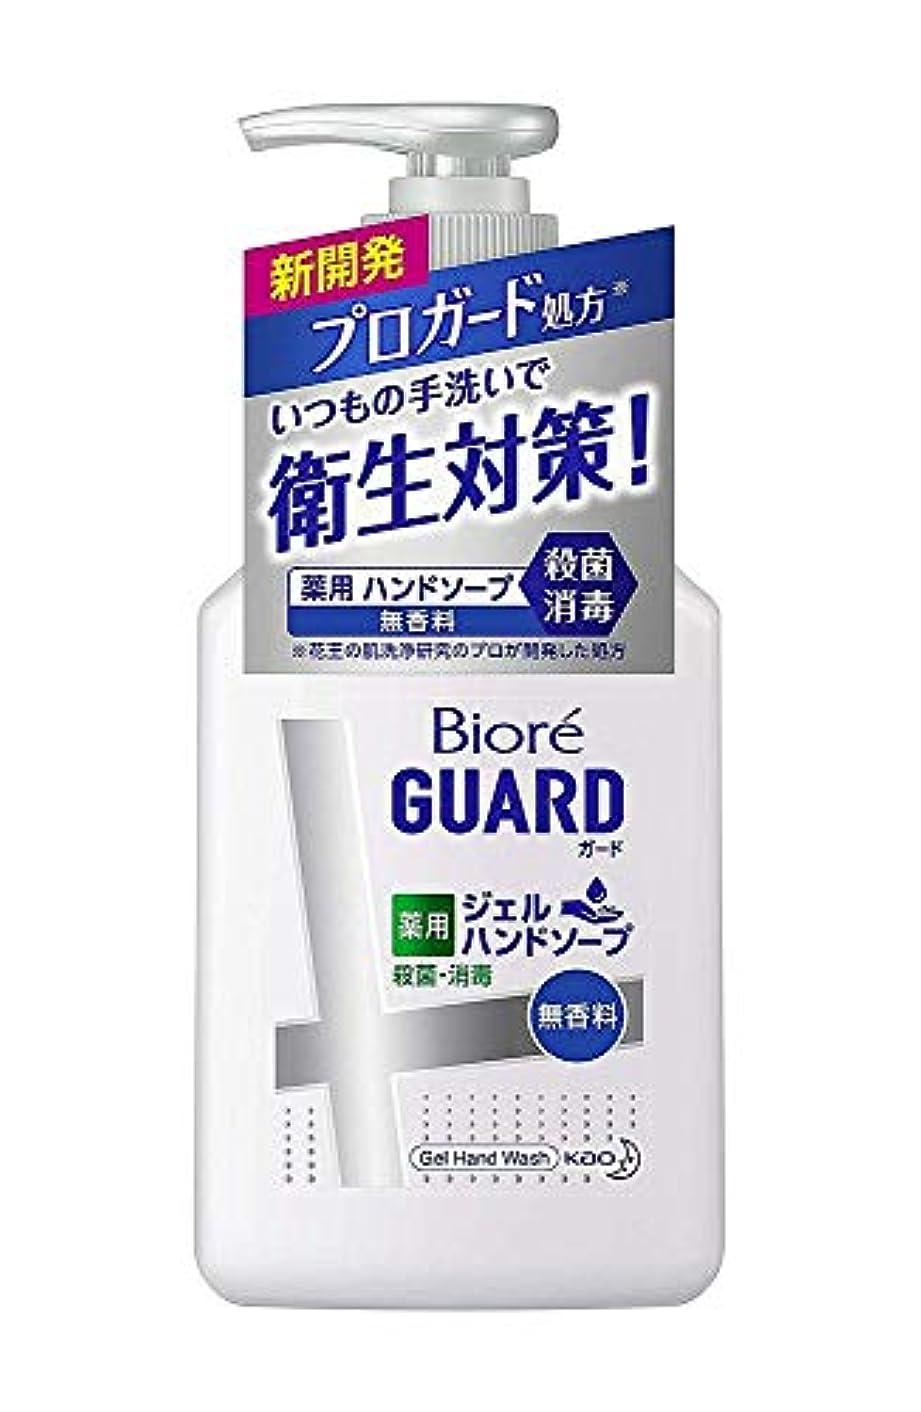 花王 ビオレガード 薬用ジェルハンドソープ ポンプ 本体 無香料 250ml 【まとめ買い3個セット】